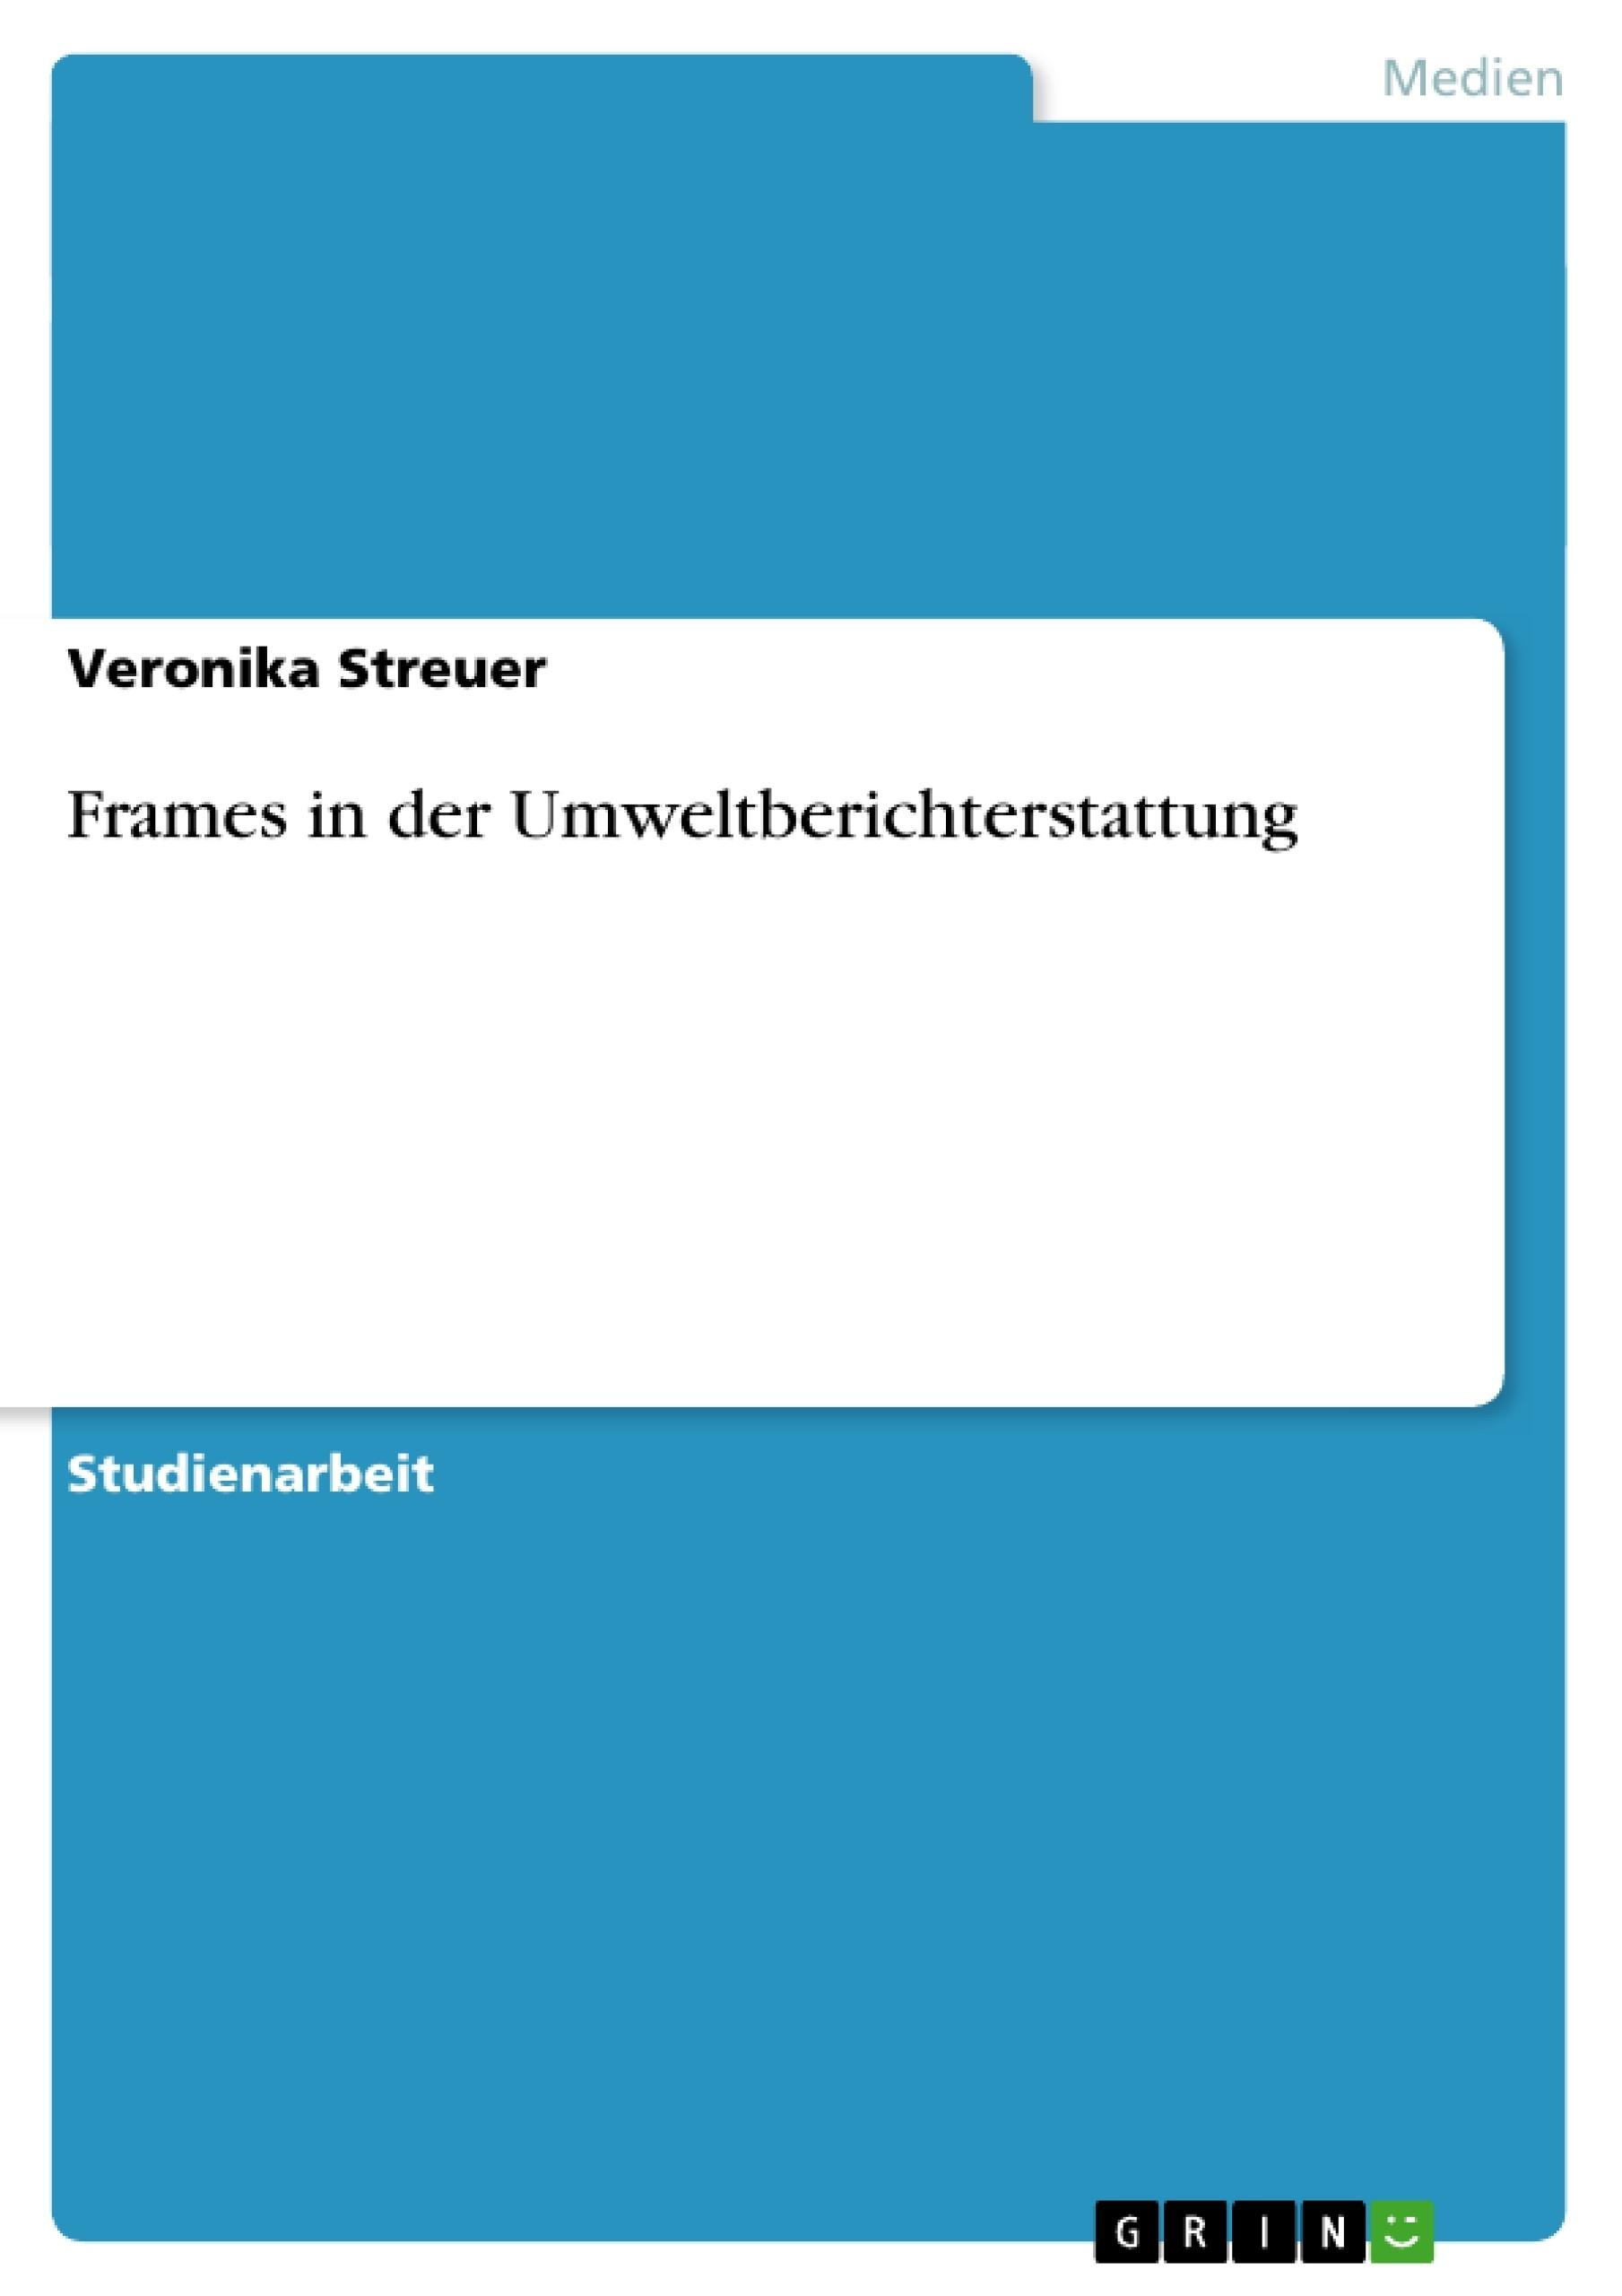 Frames in der Umweltberichterstattung | Masterarbeit, Hausarbeit ...